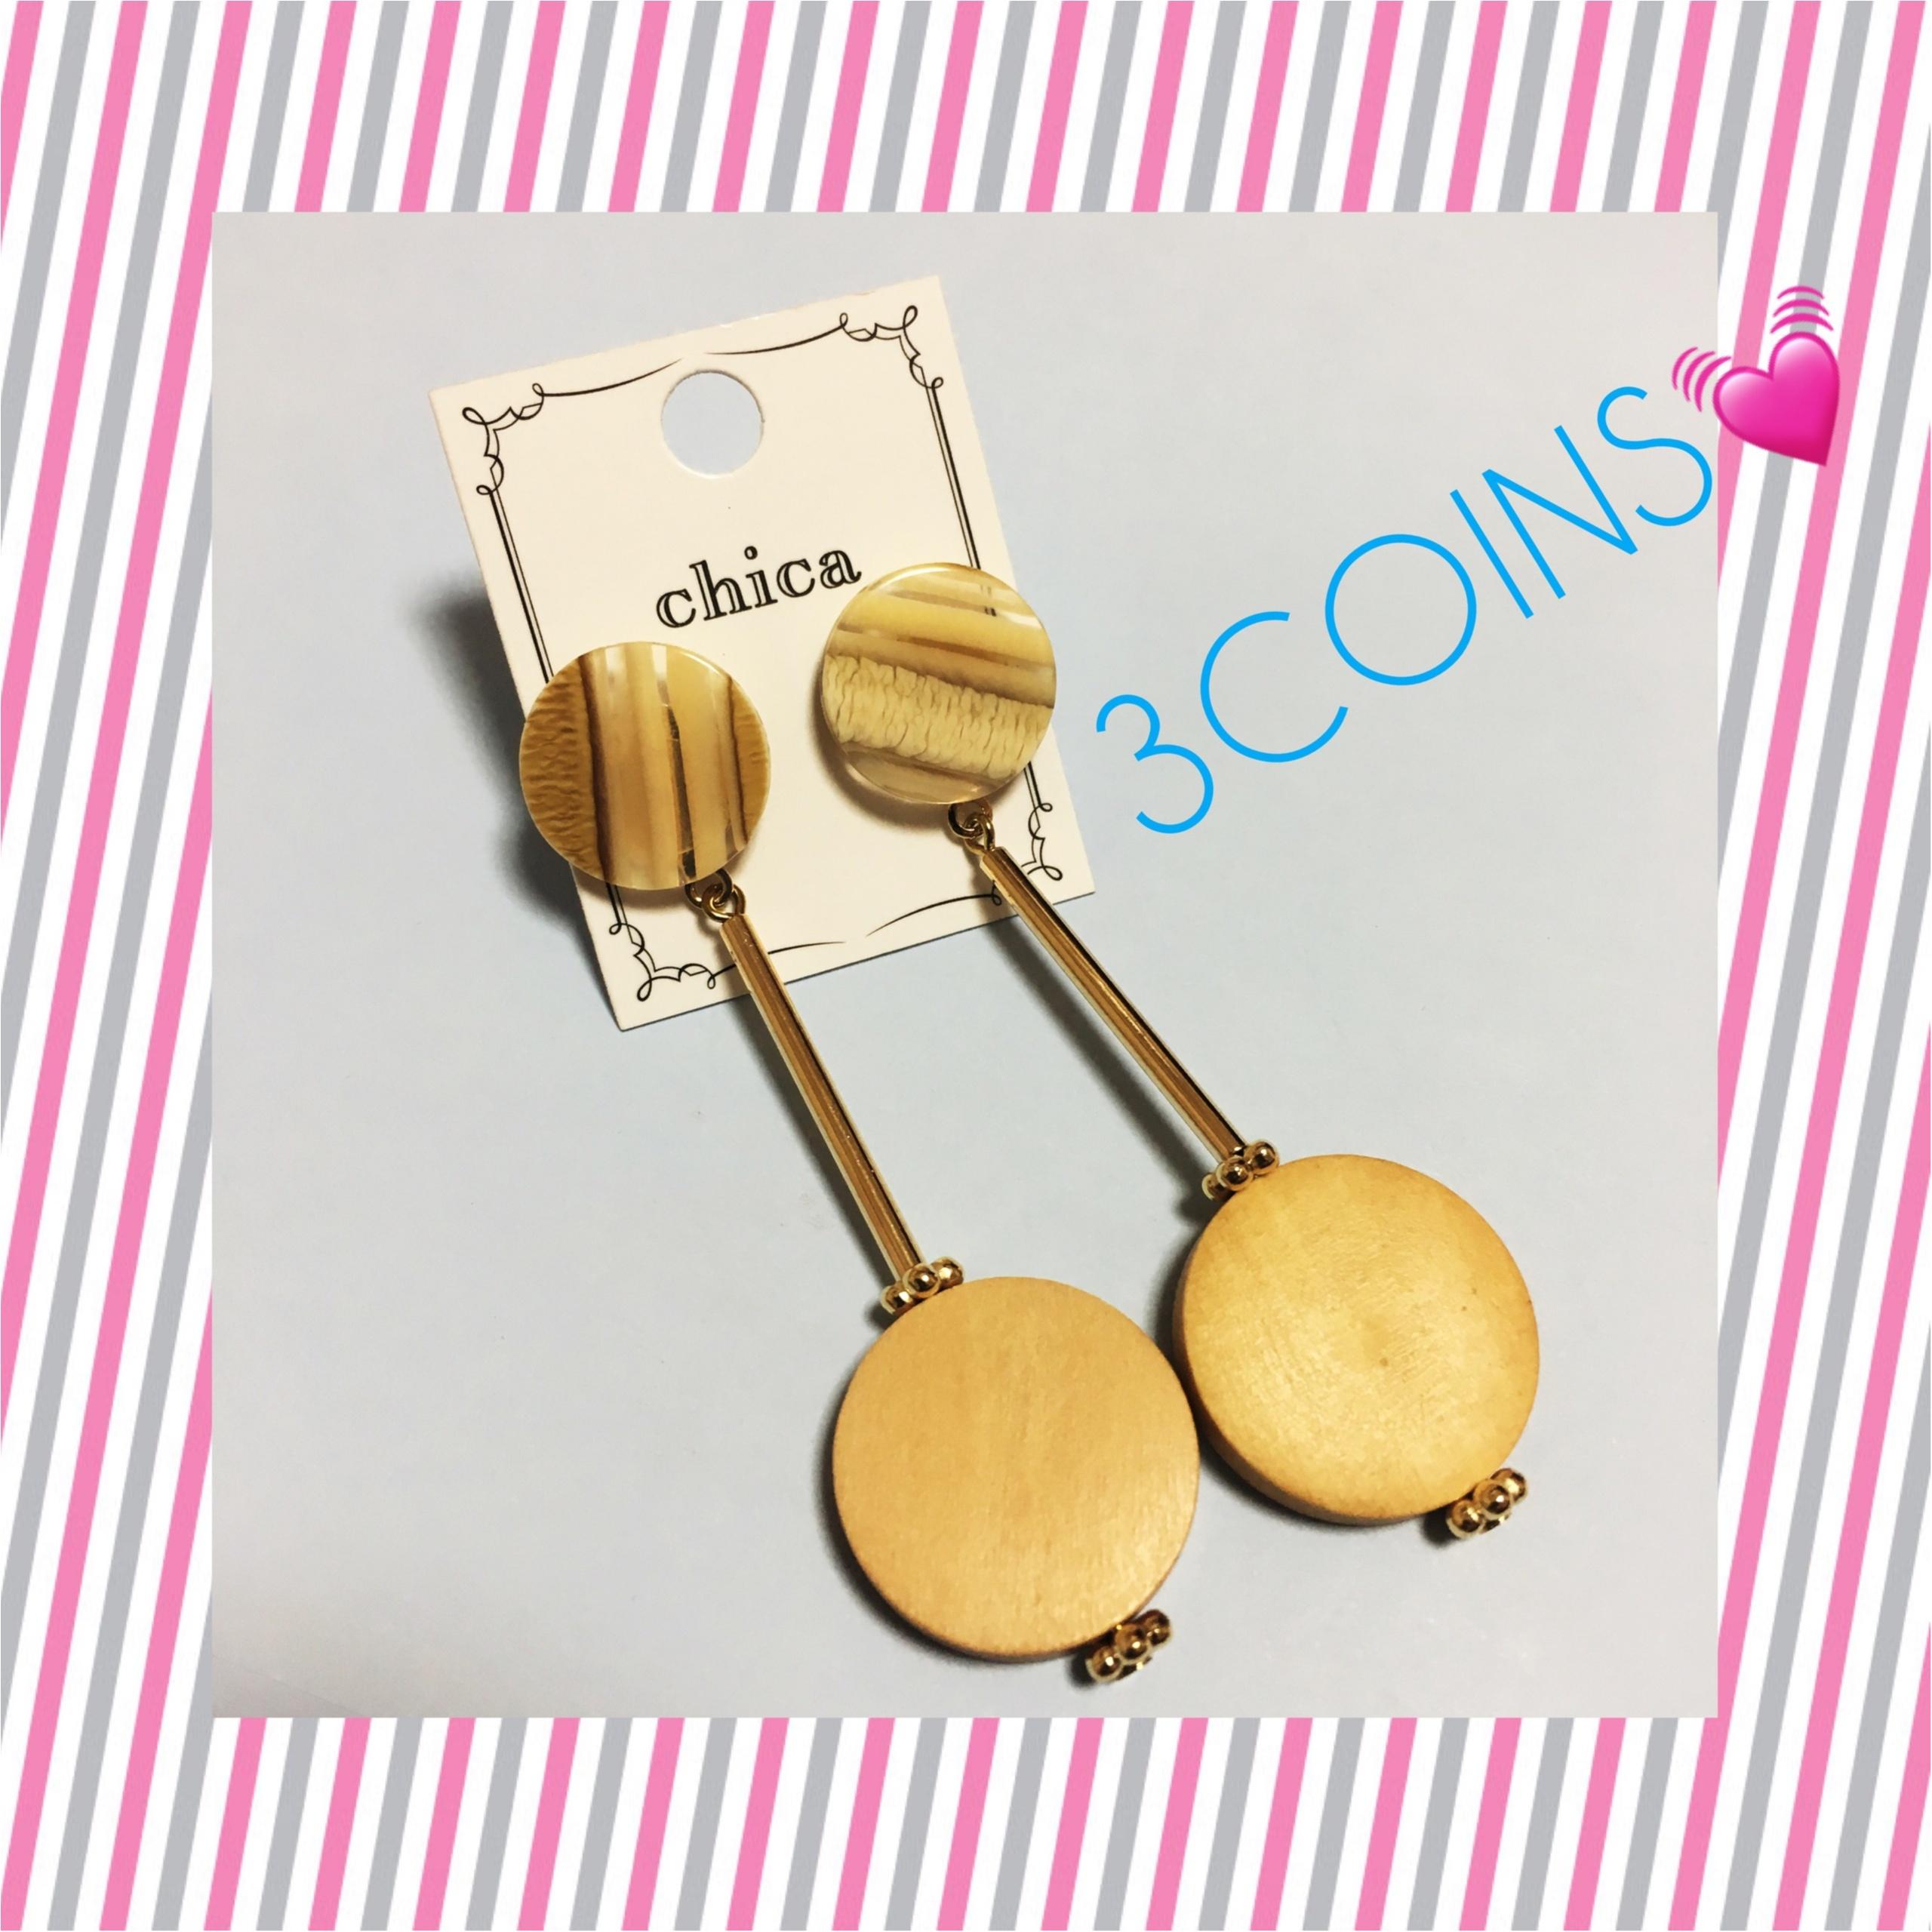 【3COINS♡】シンプルなトップスに合わせたい♩。*ウッドピアスをget☻_1